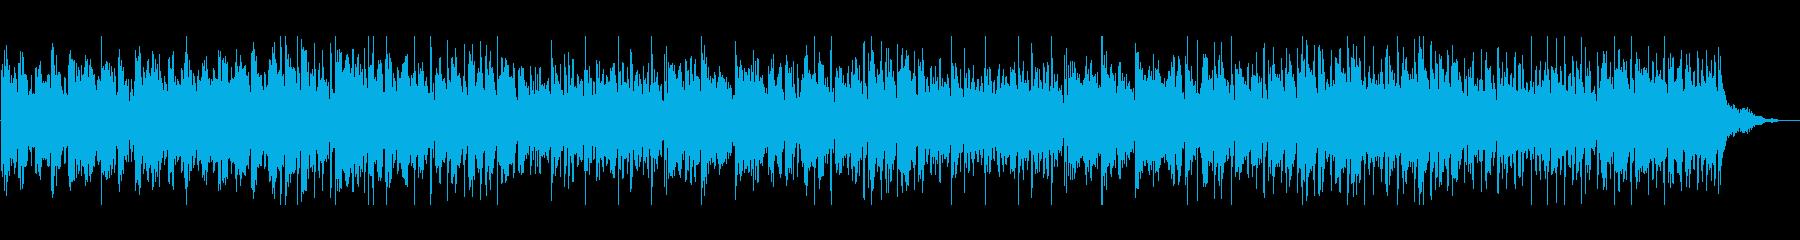 エレピとオルゴールのアンサンブルBGMの再生済みの波形